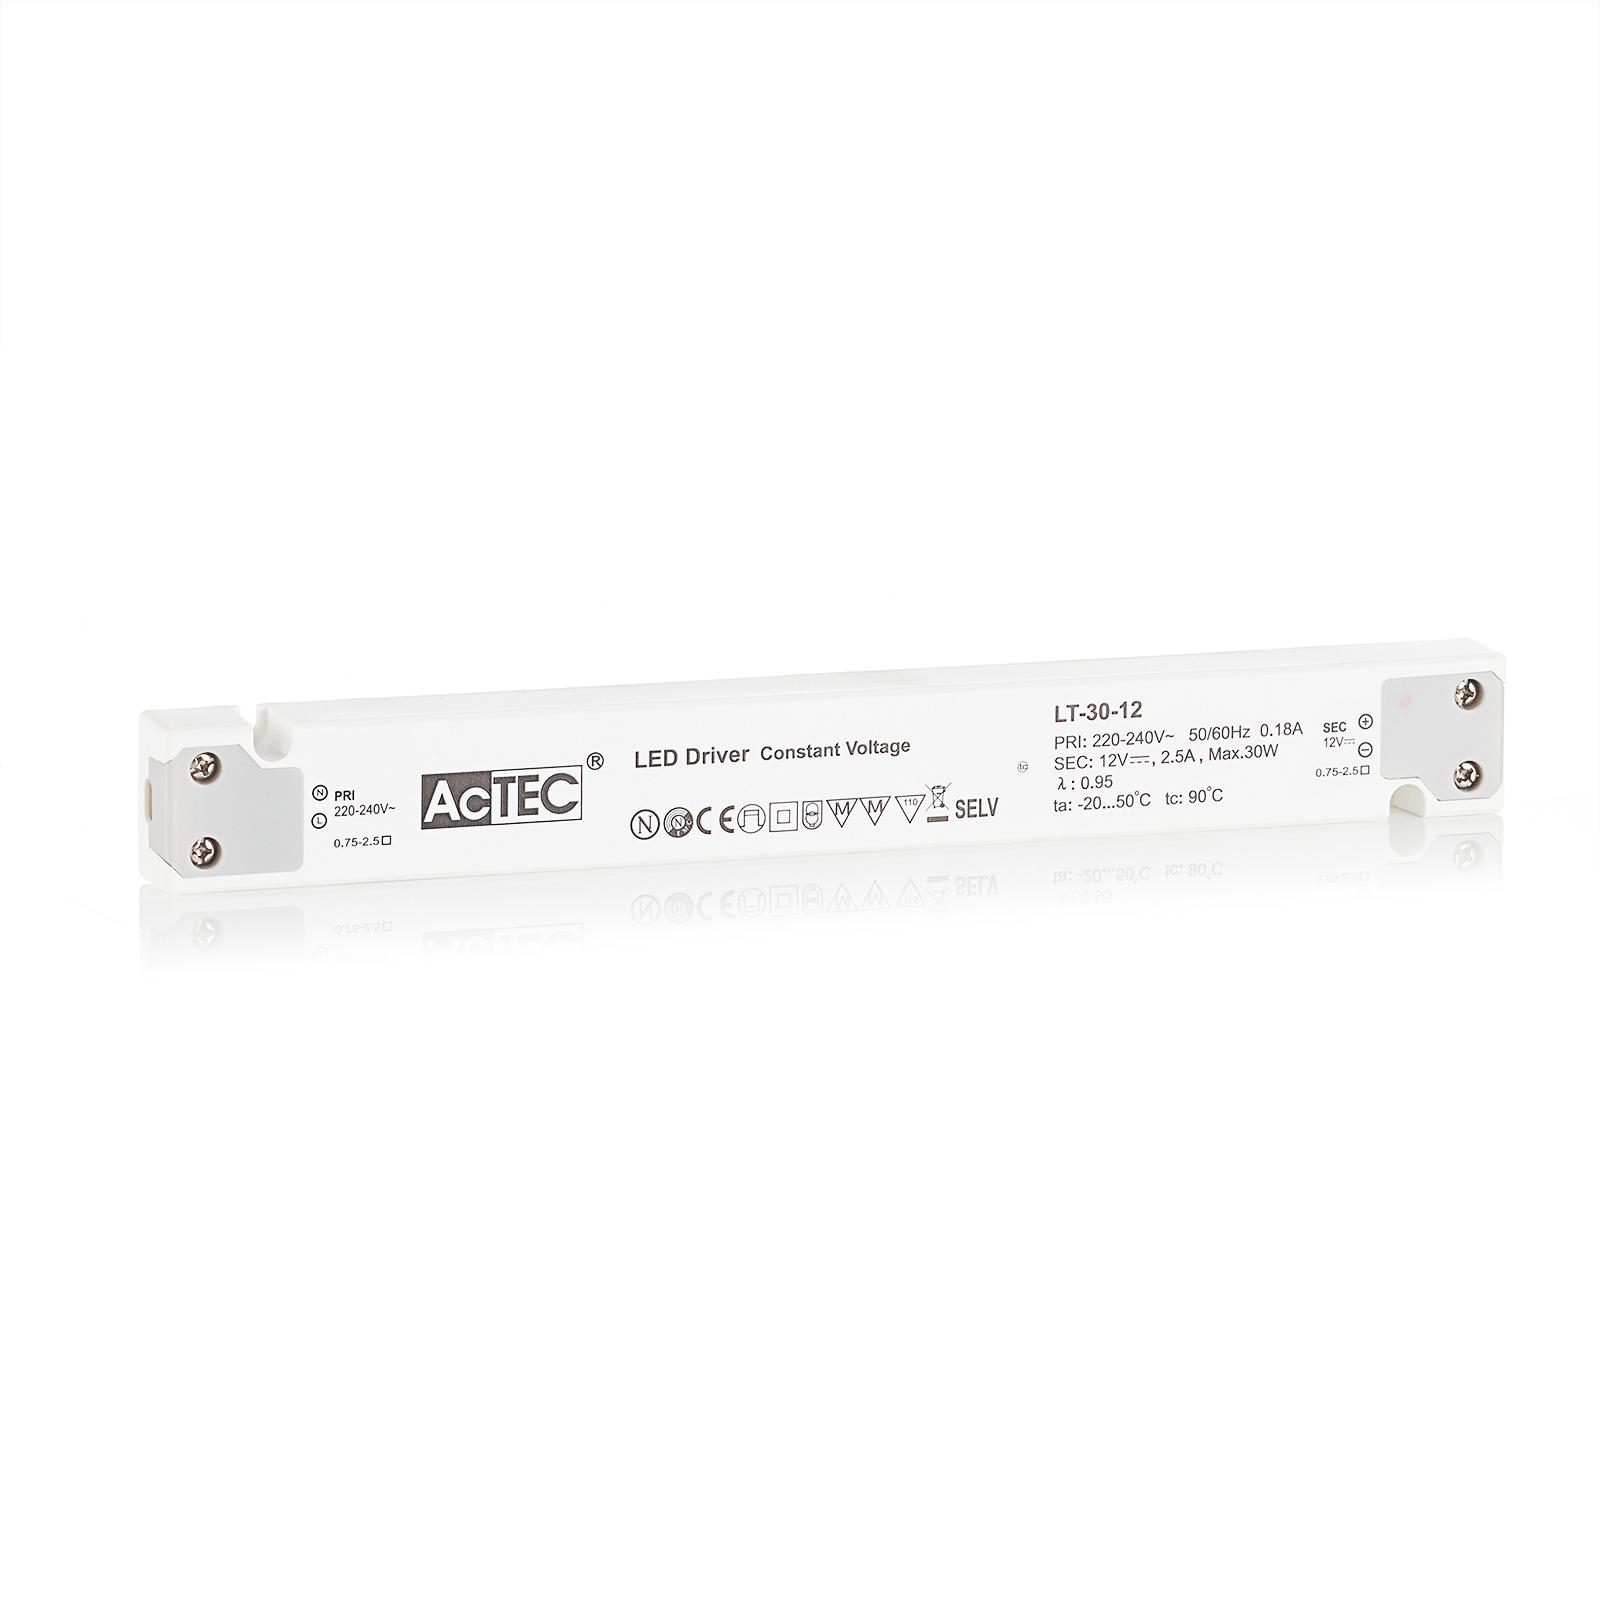 AcTEC LT LED-Treiber CV 12V, 30W